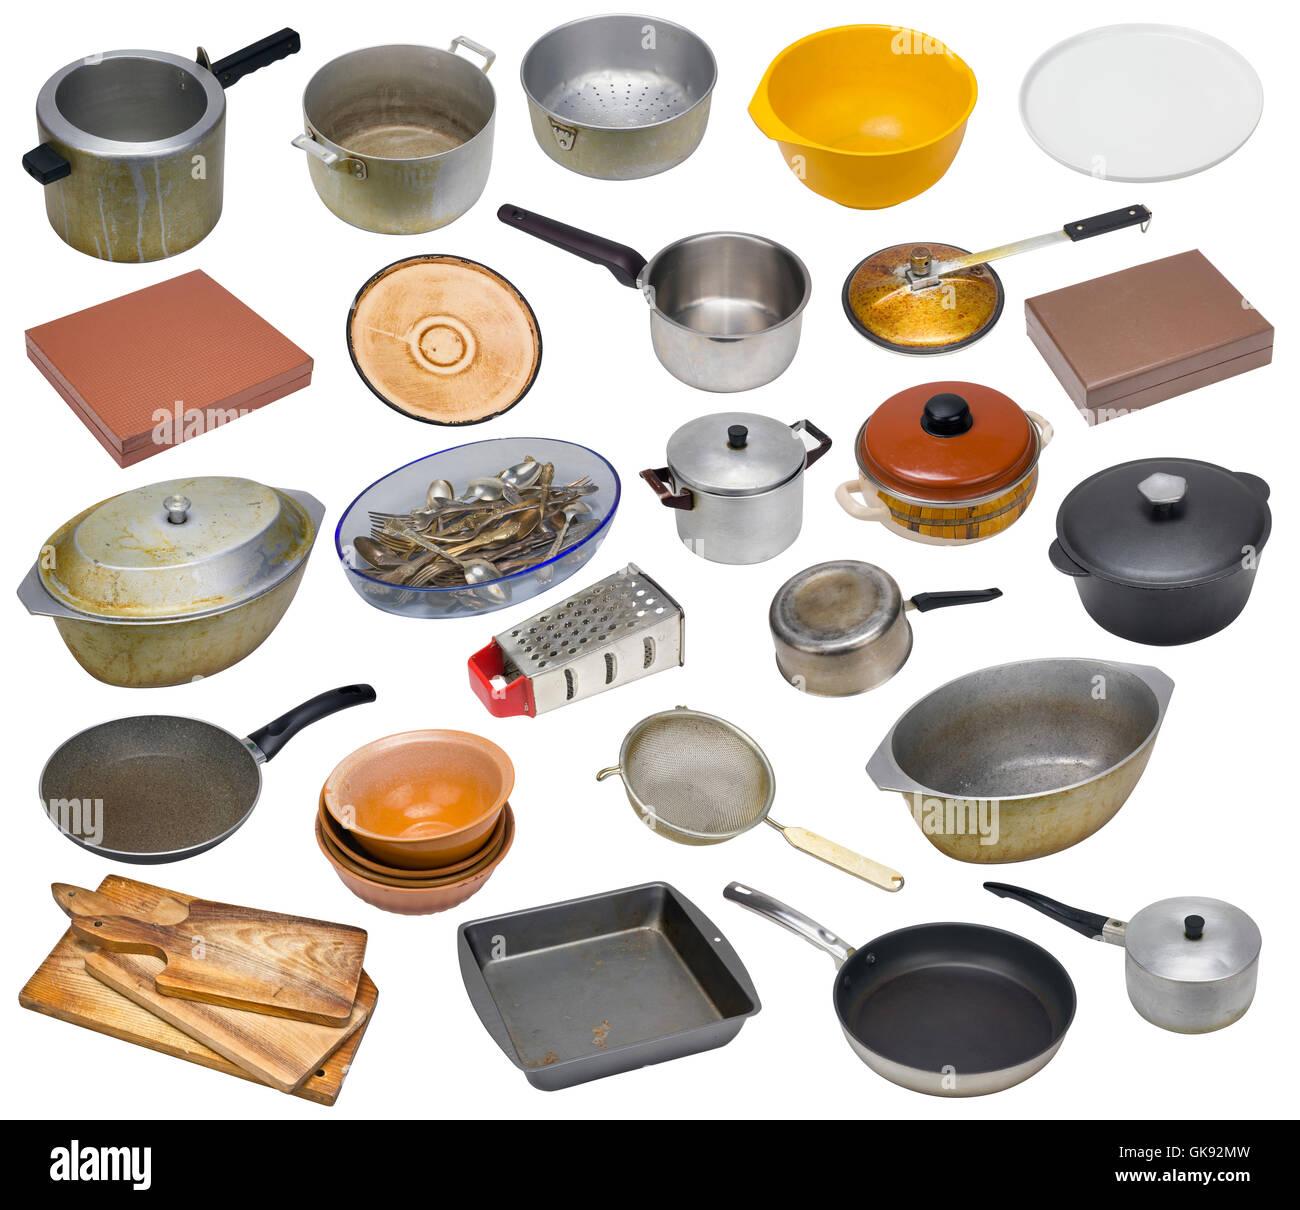 Vintage Kitchen Equipment Stock Photos & Vintage Kitchen Equipment ...